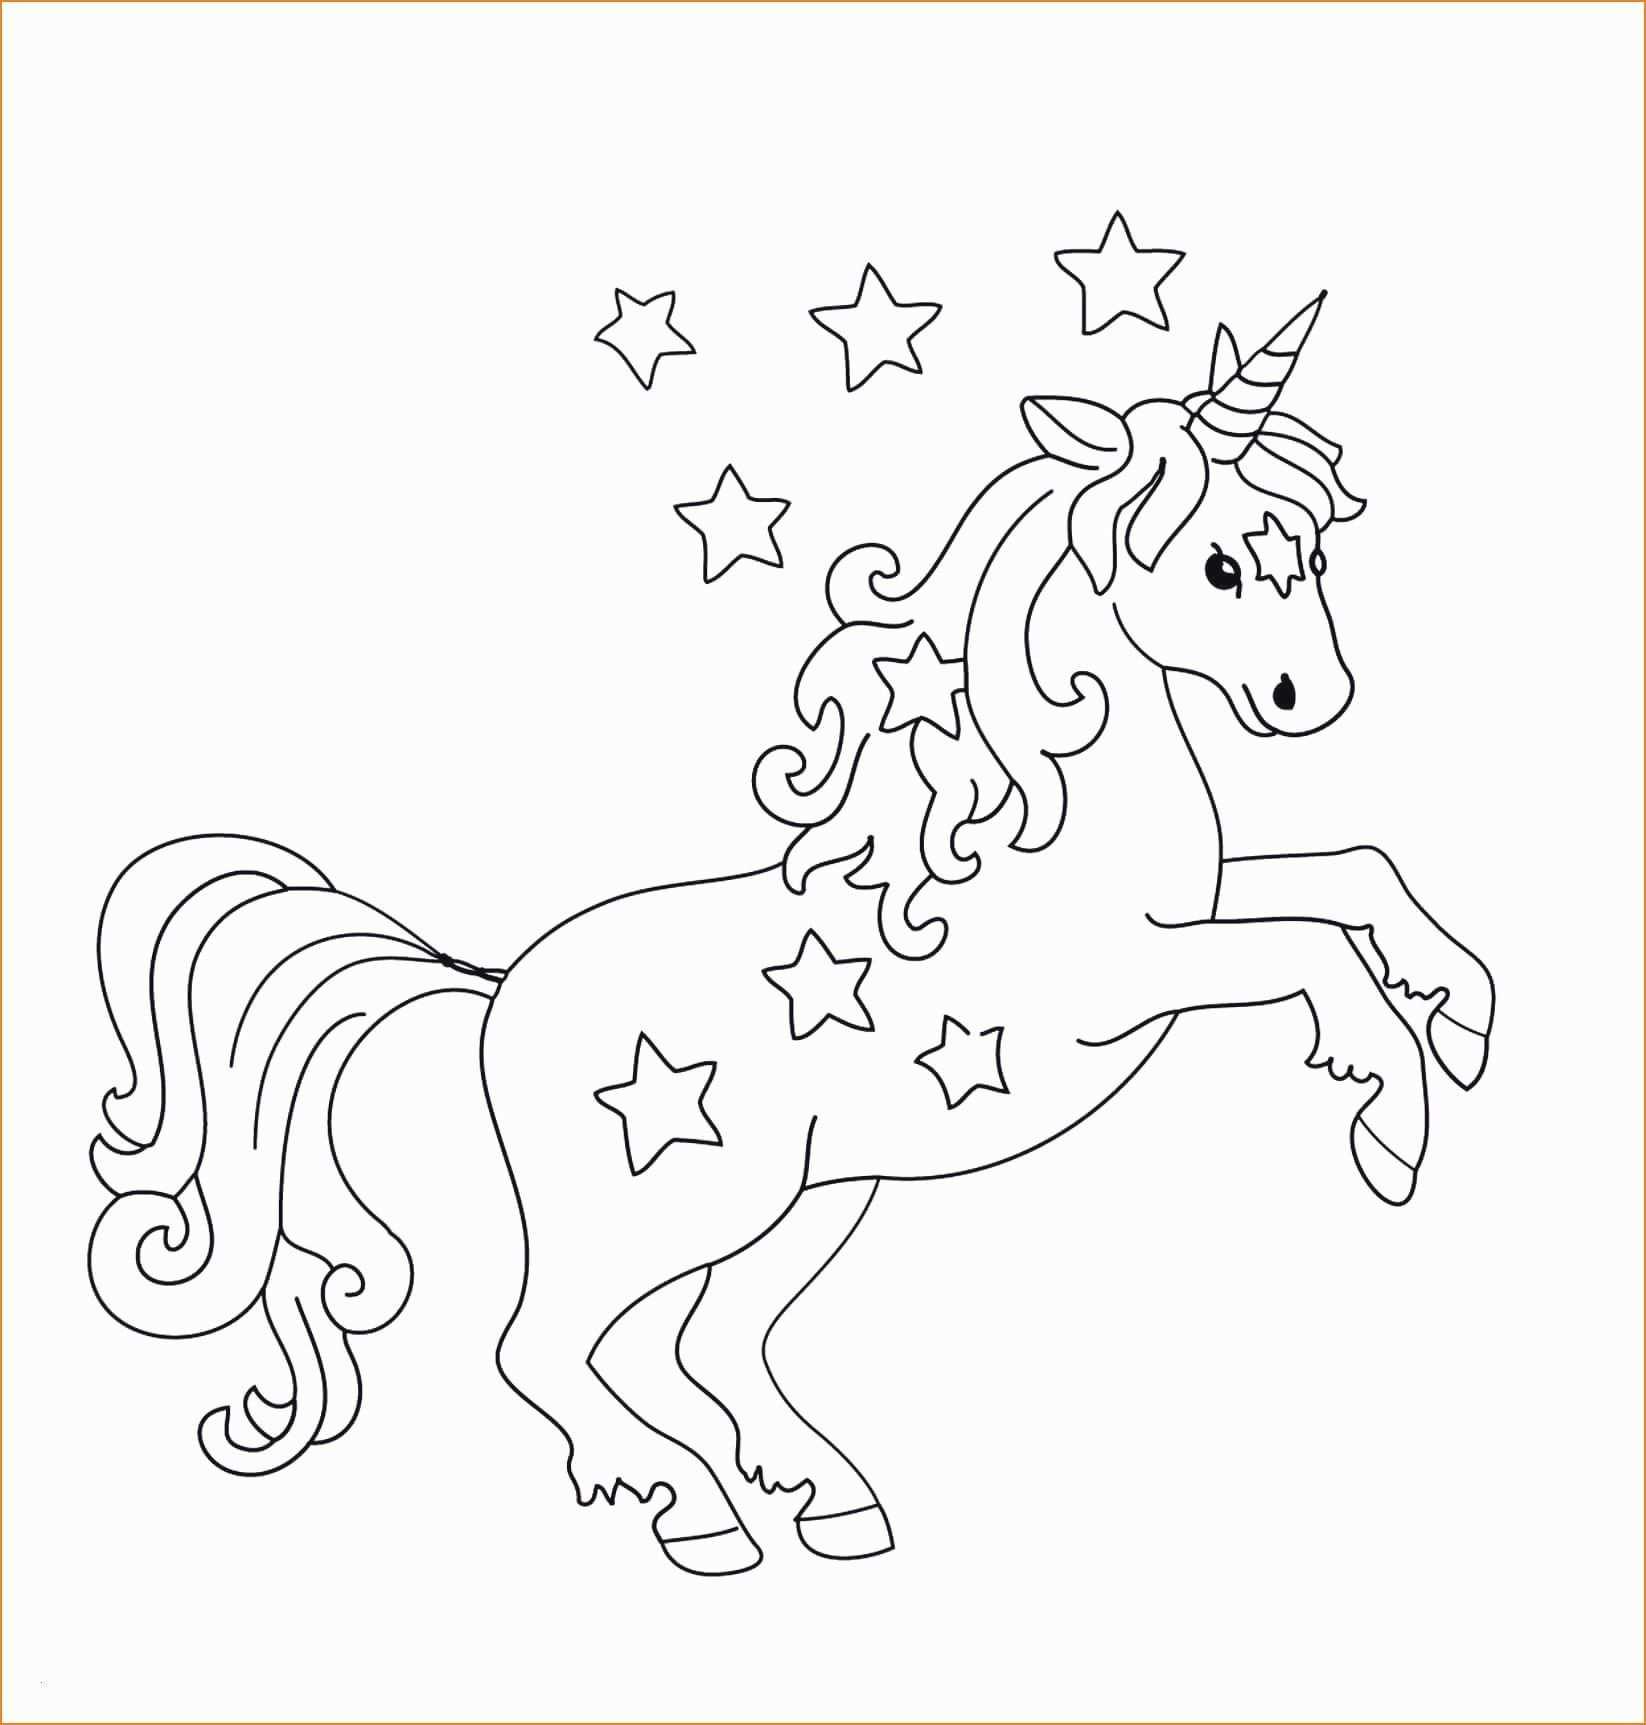 Neu Malvorlagen Pferde Kostenlos Unicorn Coloring Pages